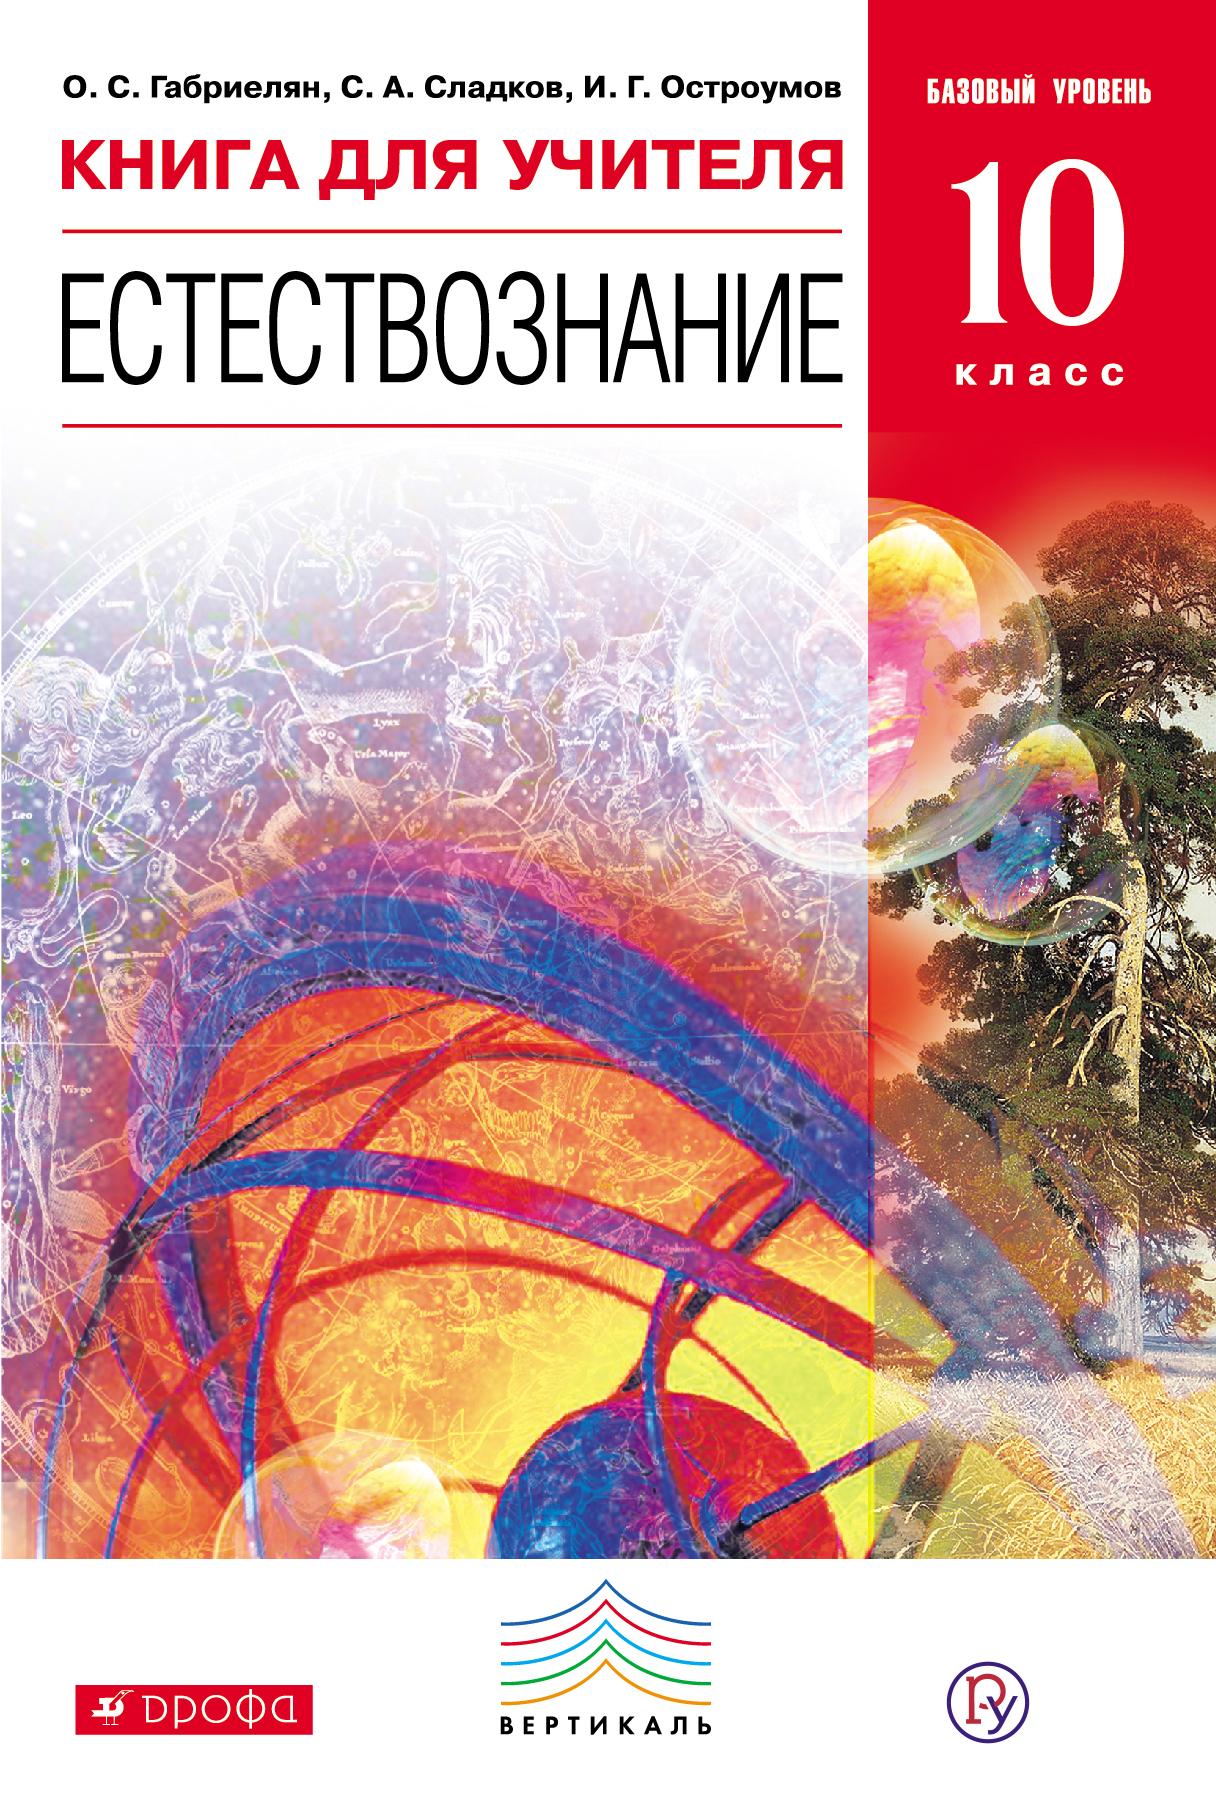 Естествознание. Базовый уровень. 10 класс. Книга для учителя ( Габриелян О.С., Сладков С.А., Остроумов И.Г.  )